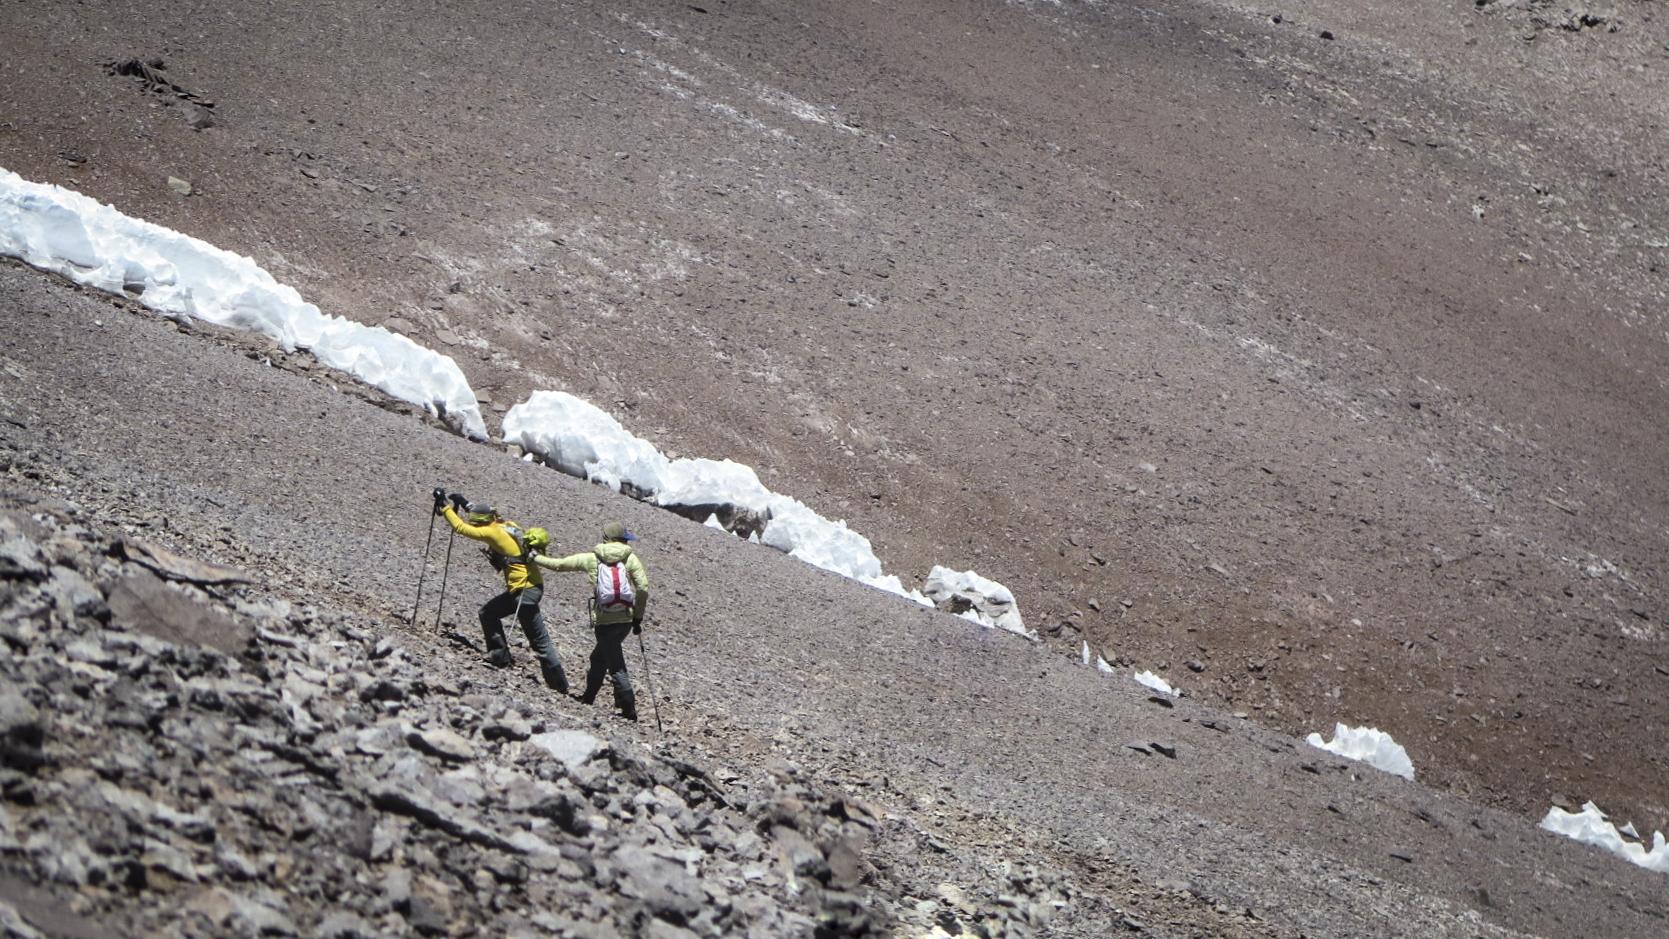 Teamwork on the mountain. Photo:  Julian Kusi